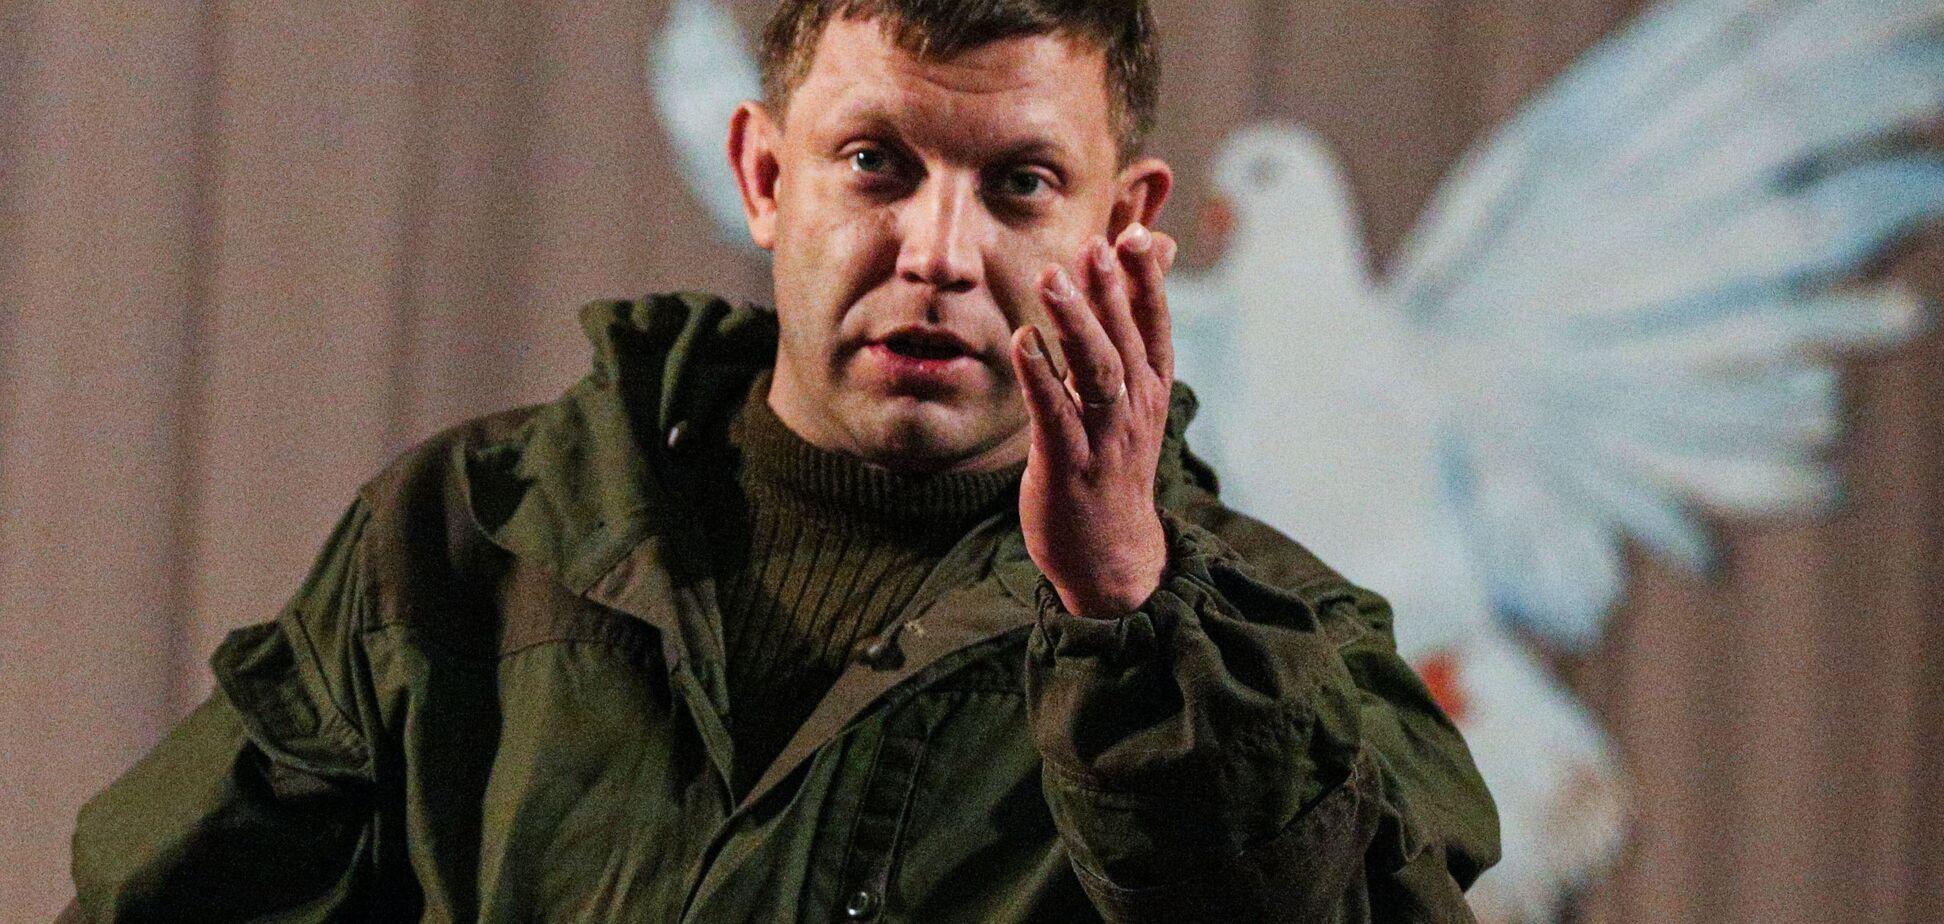 Ватажок 'ДНР' стає незалежним від Кремля? Тимчук прояснив ситуацію